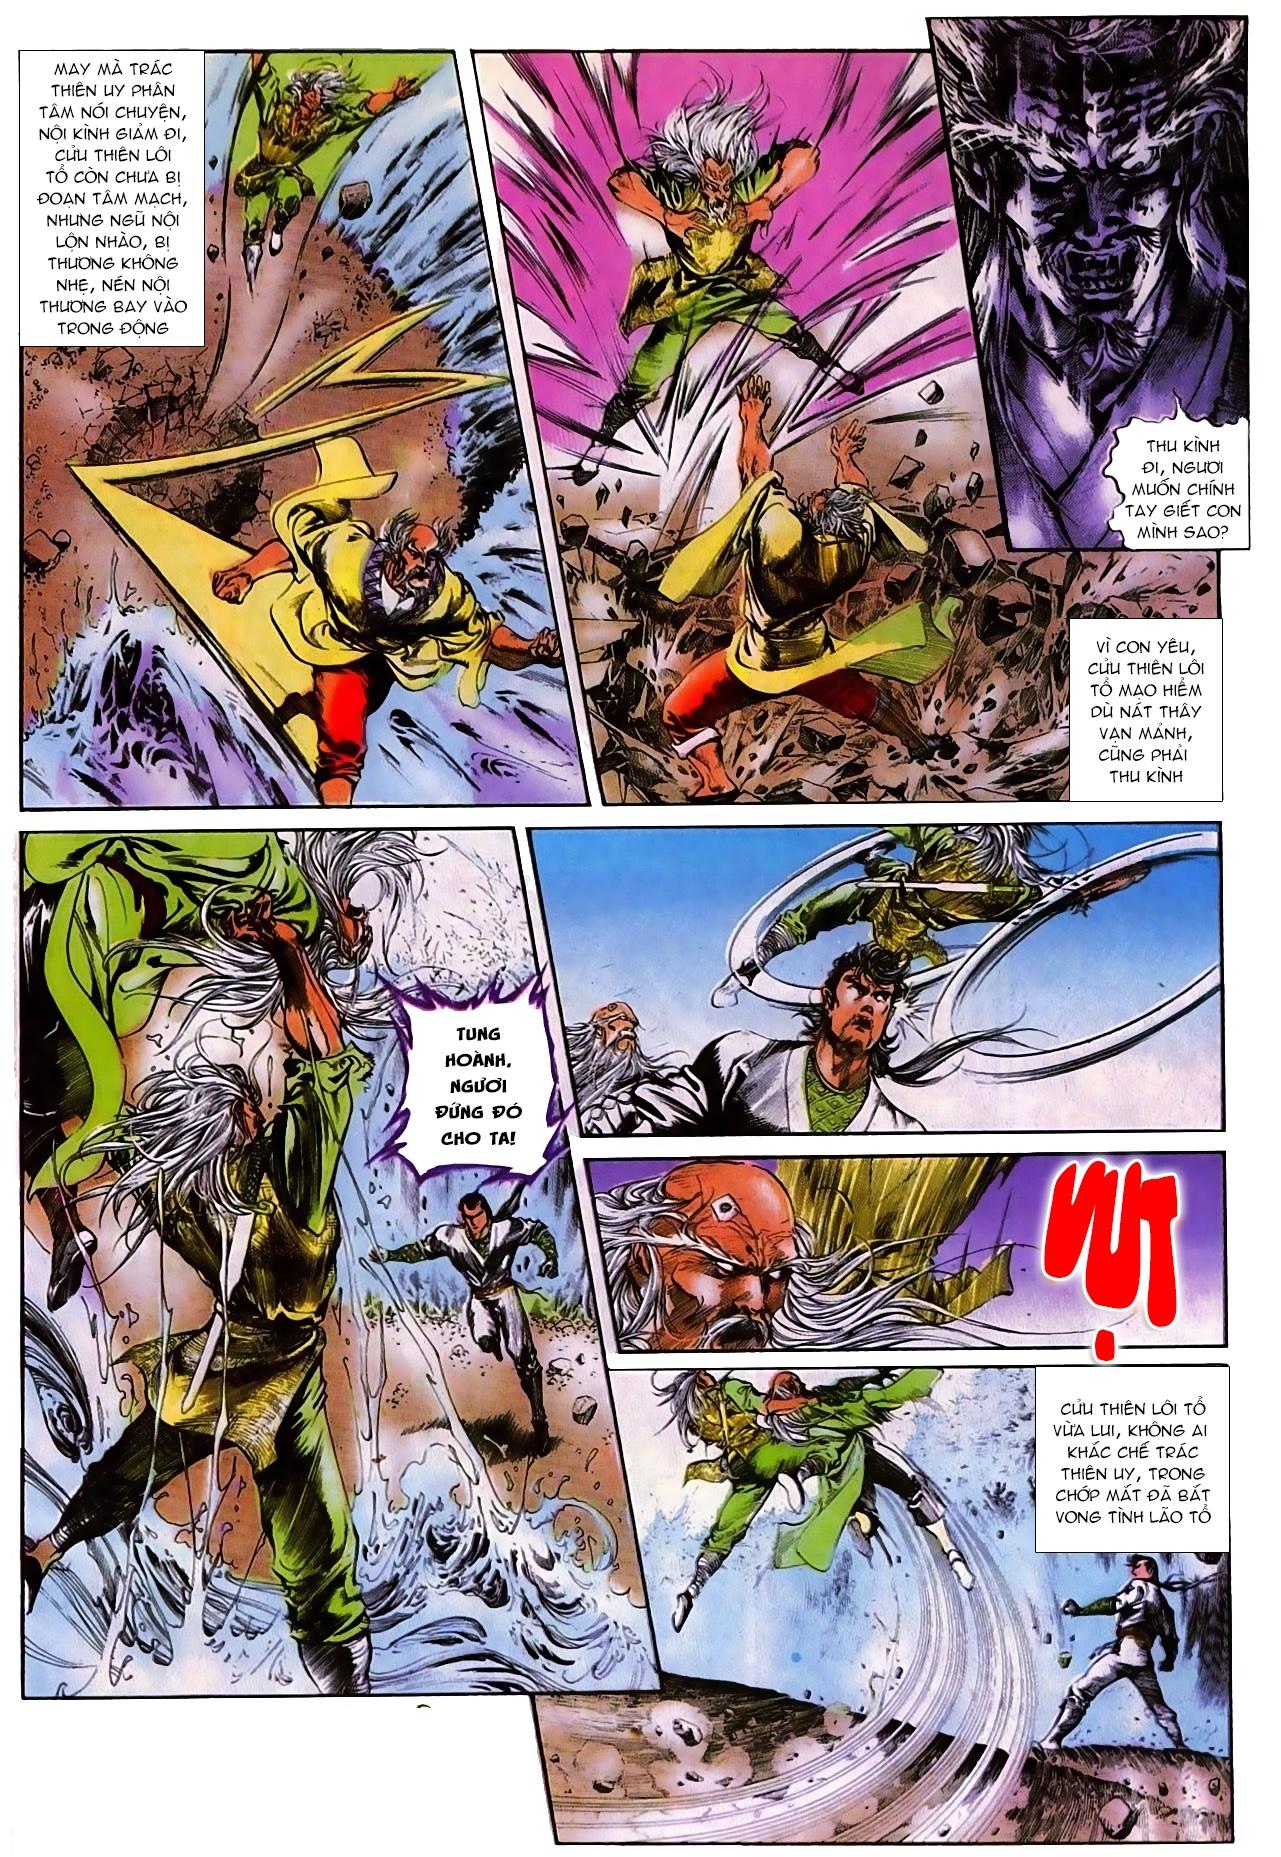 Thiết Tướng Tung Hoành chap 270 - Trang 13